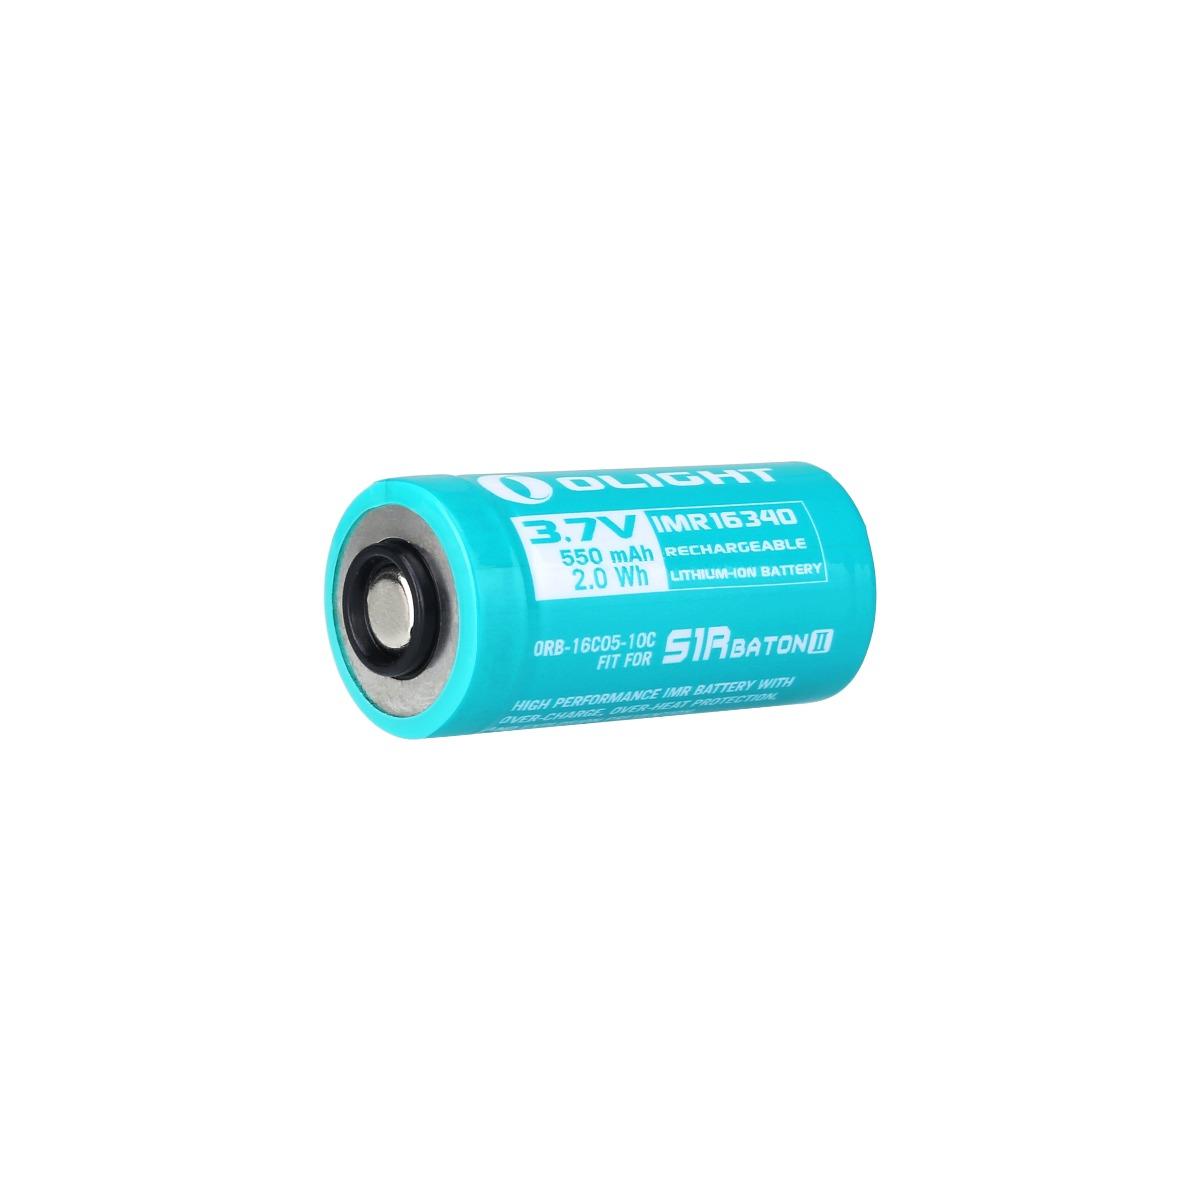 Olight 16340 550 mAh IMR Spezialakku für S1R II/Perun mini/Baton 3